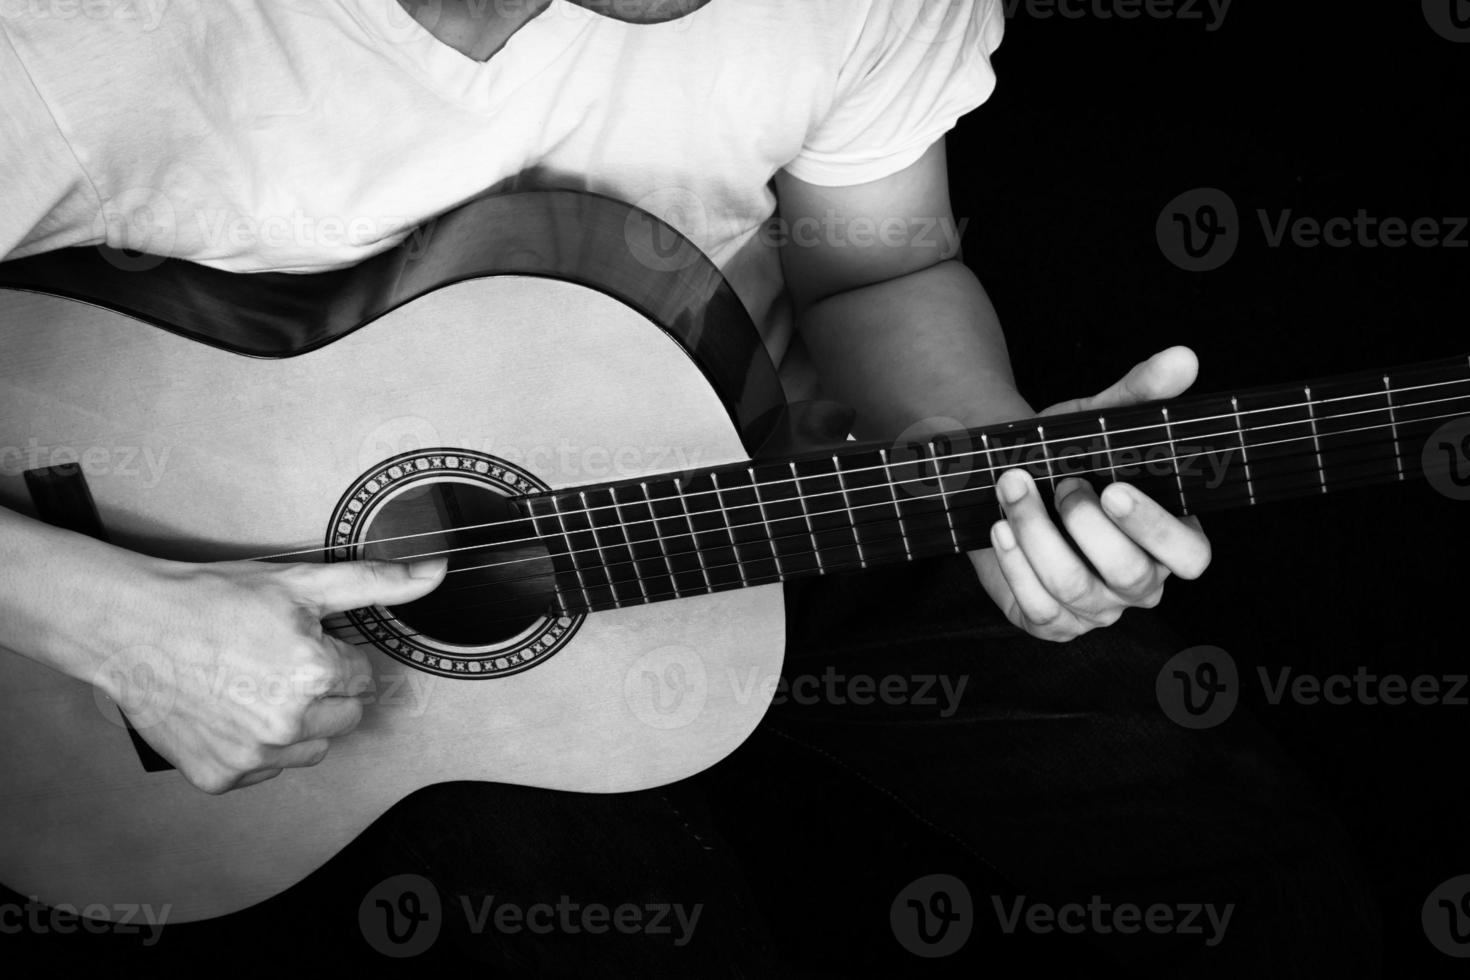 musicista asiatico suona la chitarra acustica foto